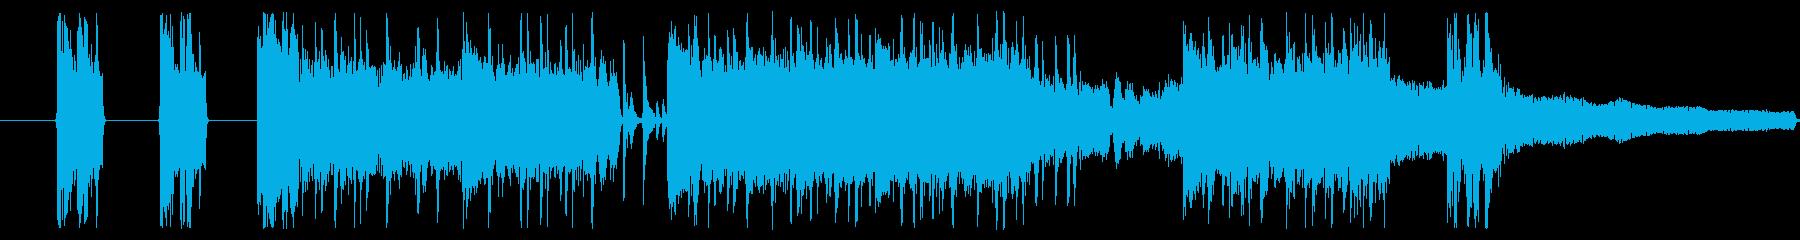 ギターが特徴のミクスチャーサウンドの再生済みの波形